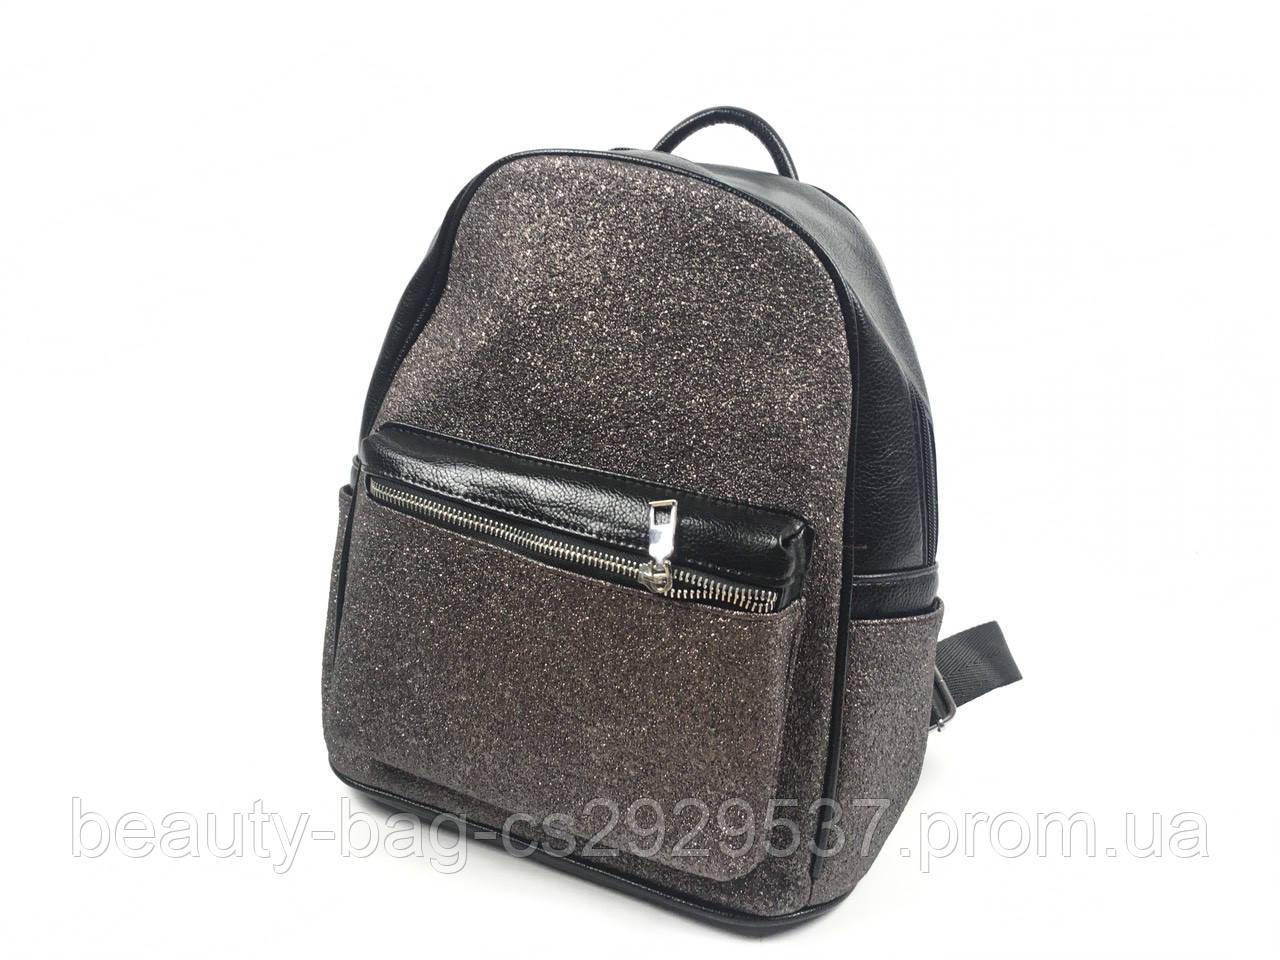 Рюкзак молодежный 6905 черный с напылением темное-серебро black